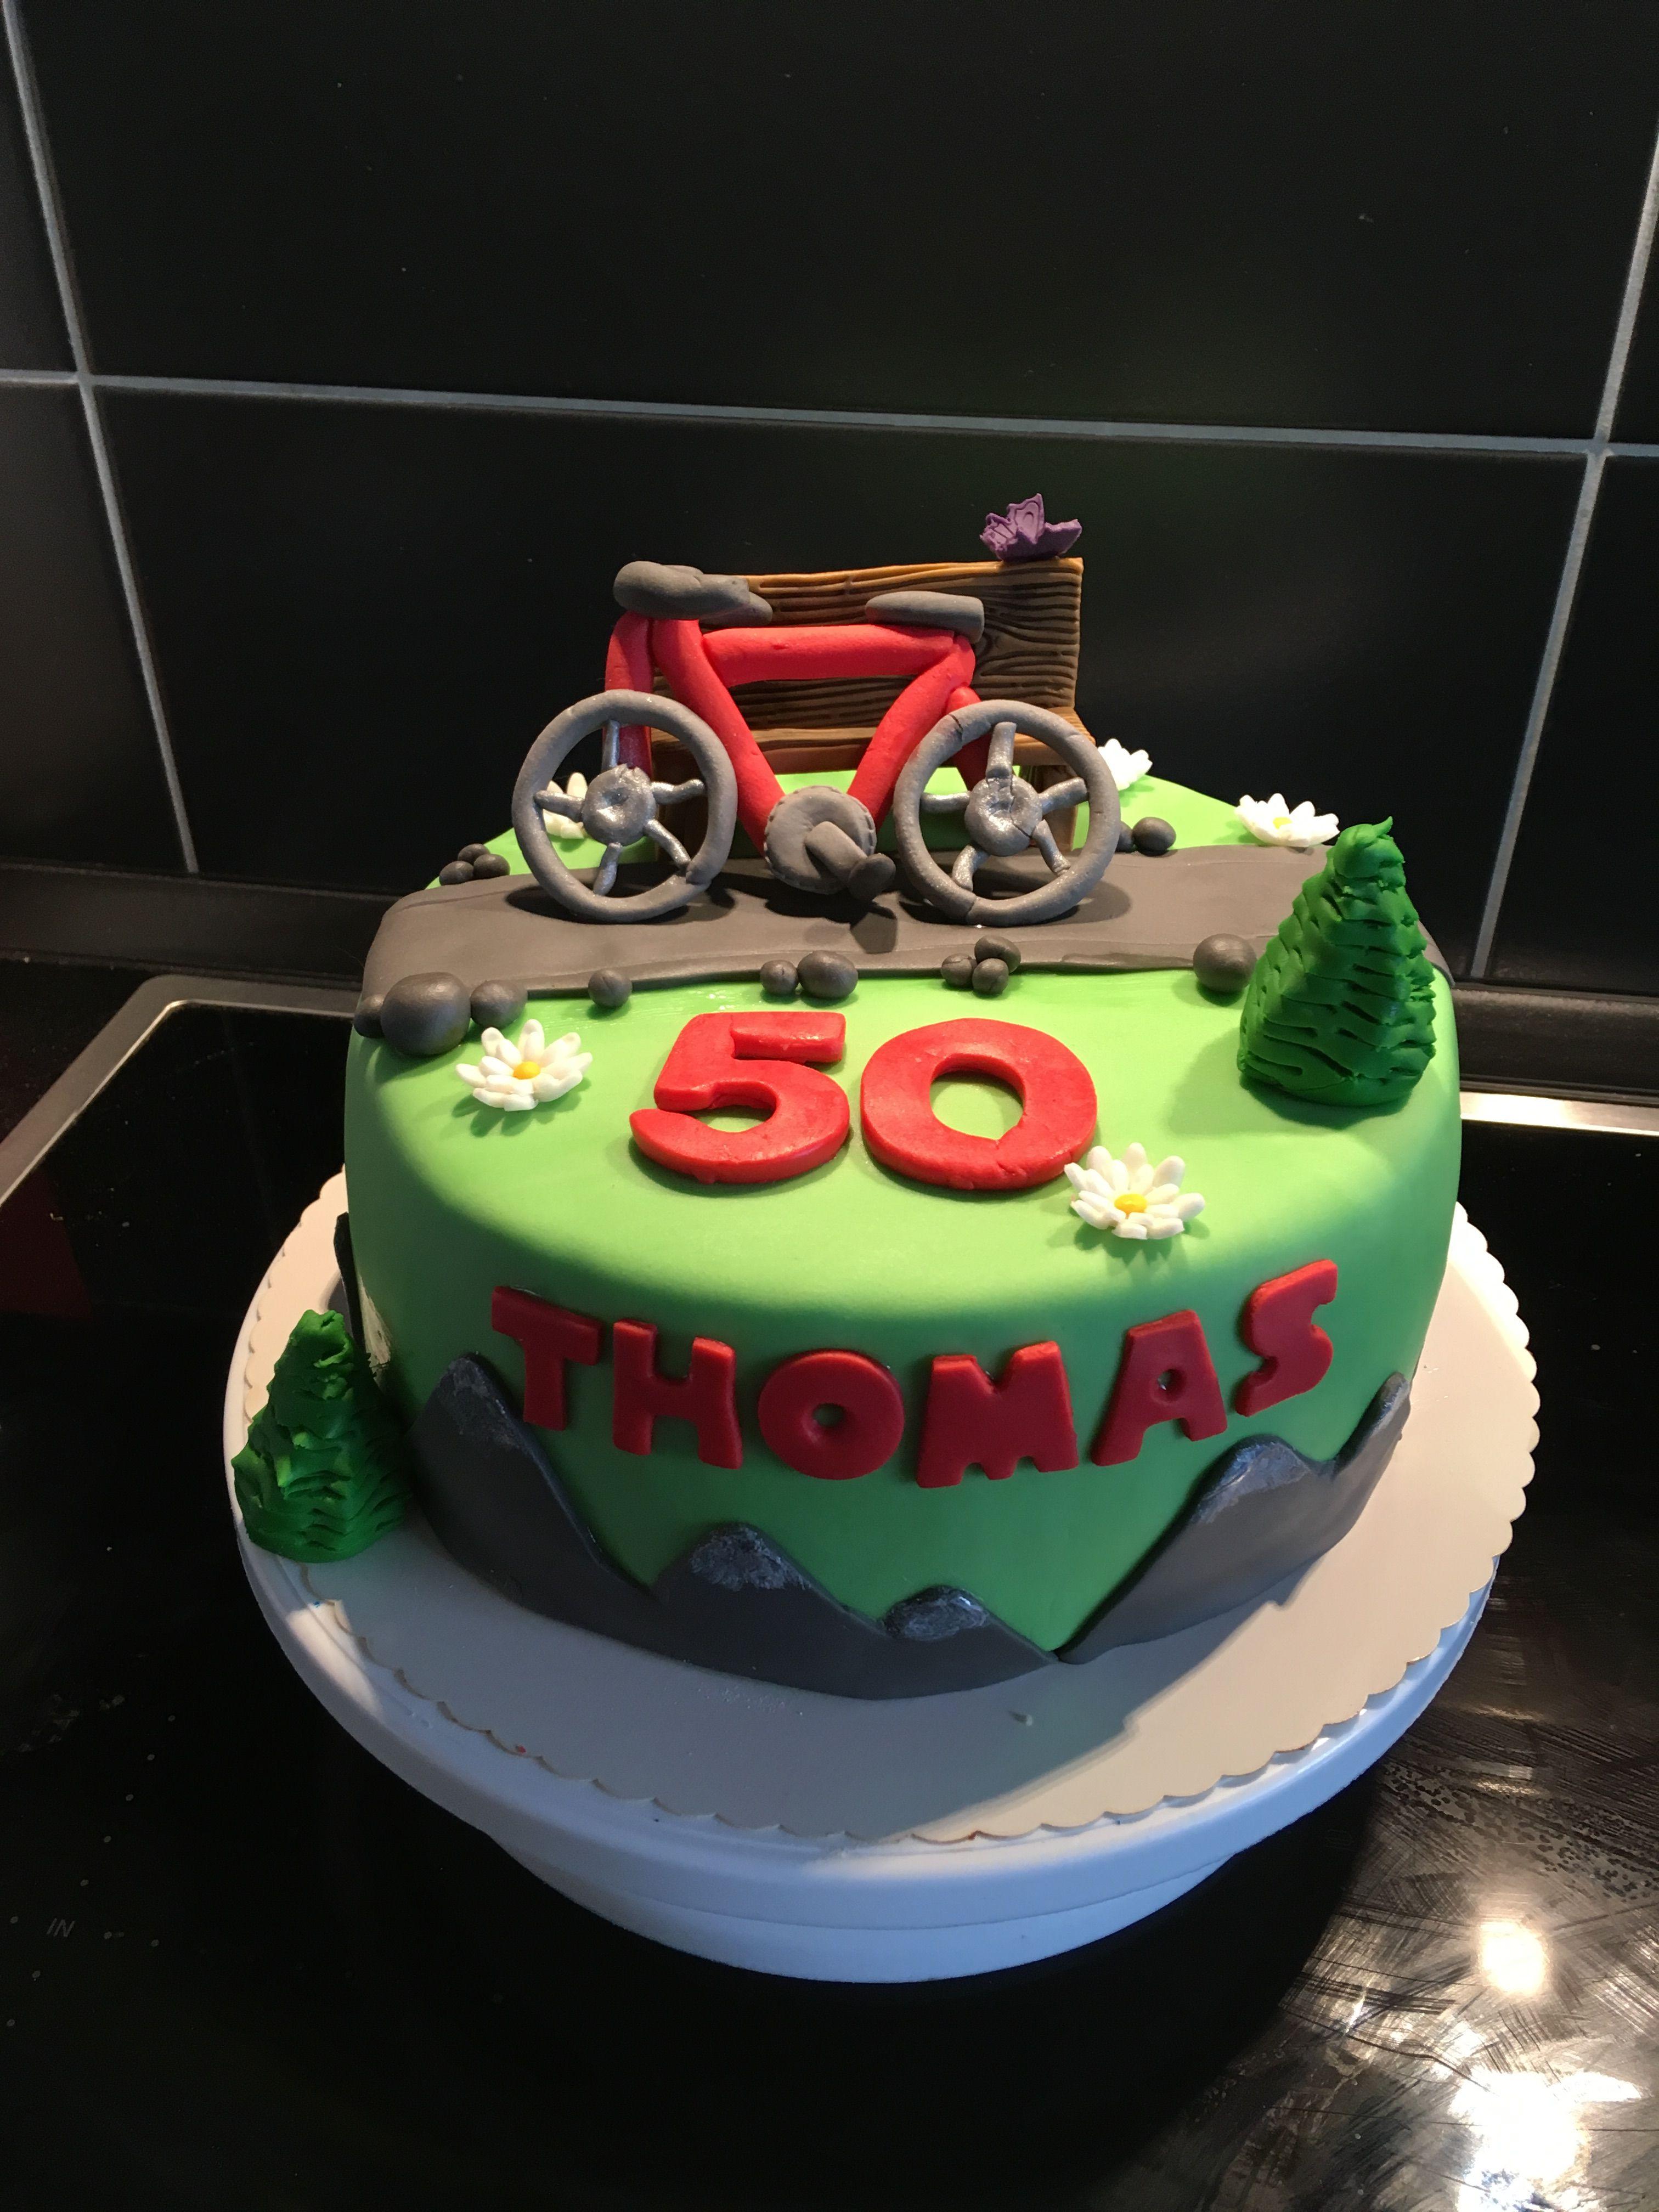 Fahrrad Torte Kuchen Ideen Geburtstagskuchen Design